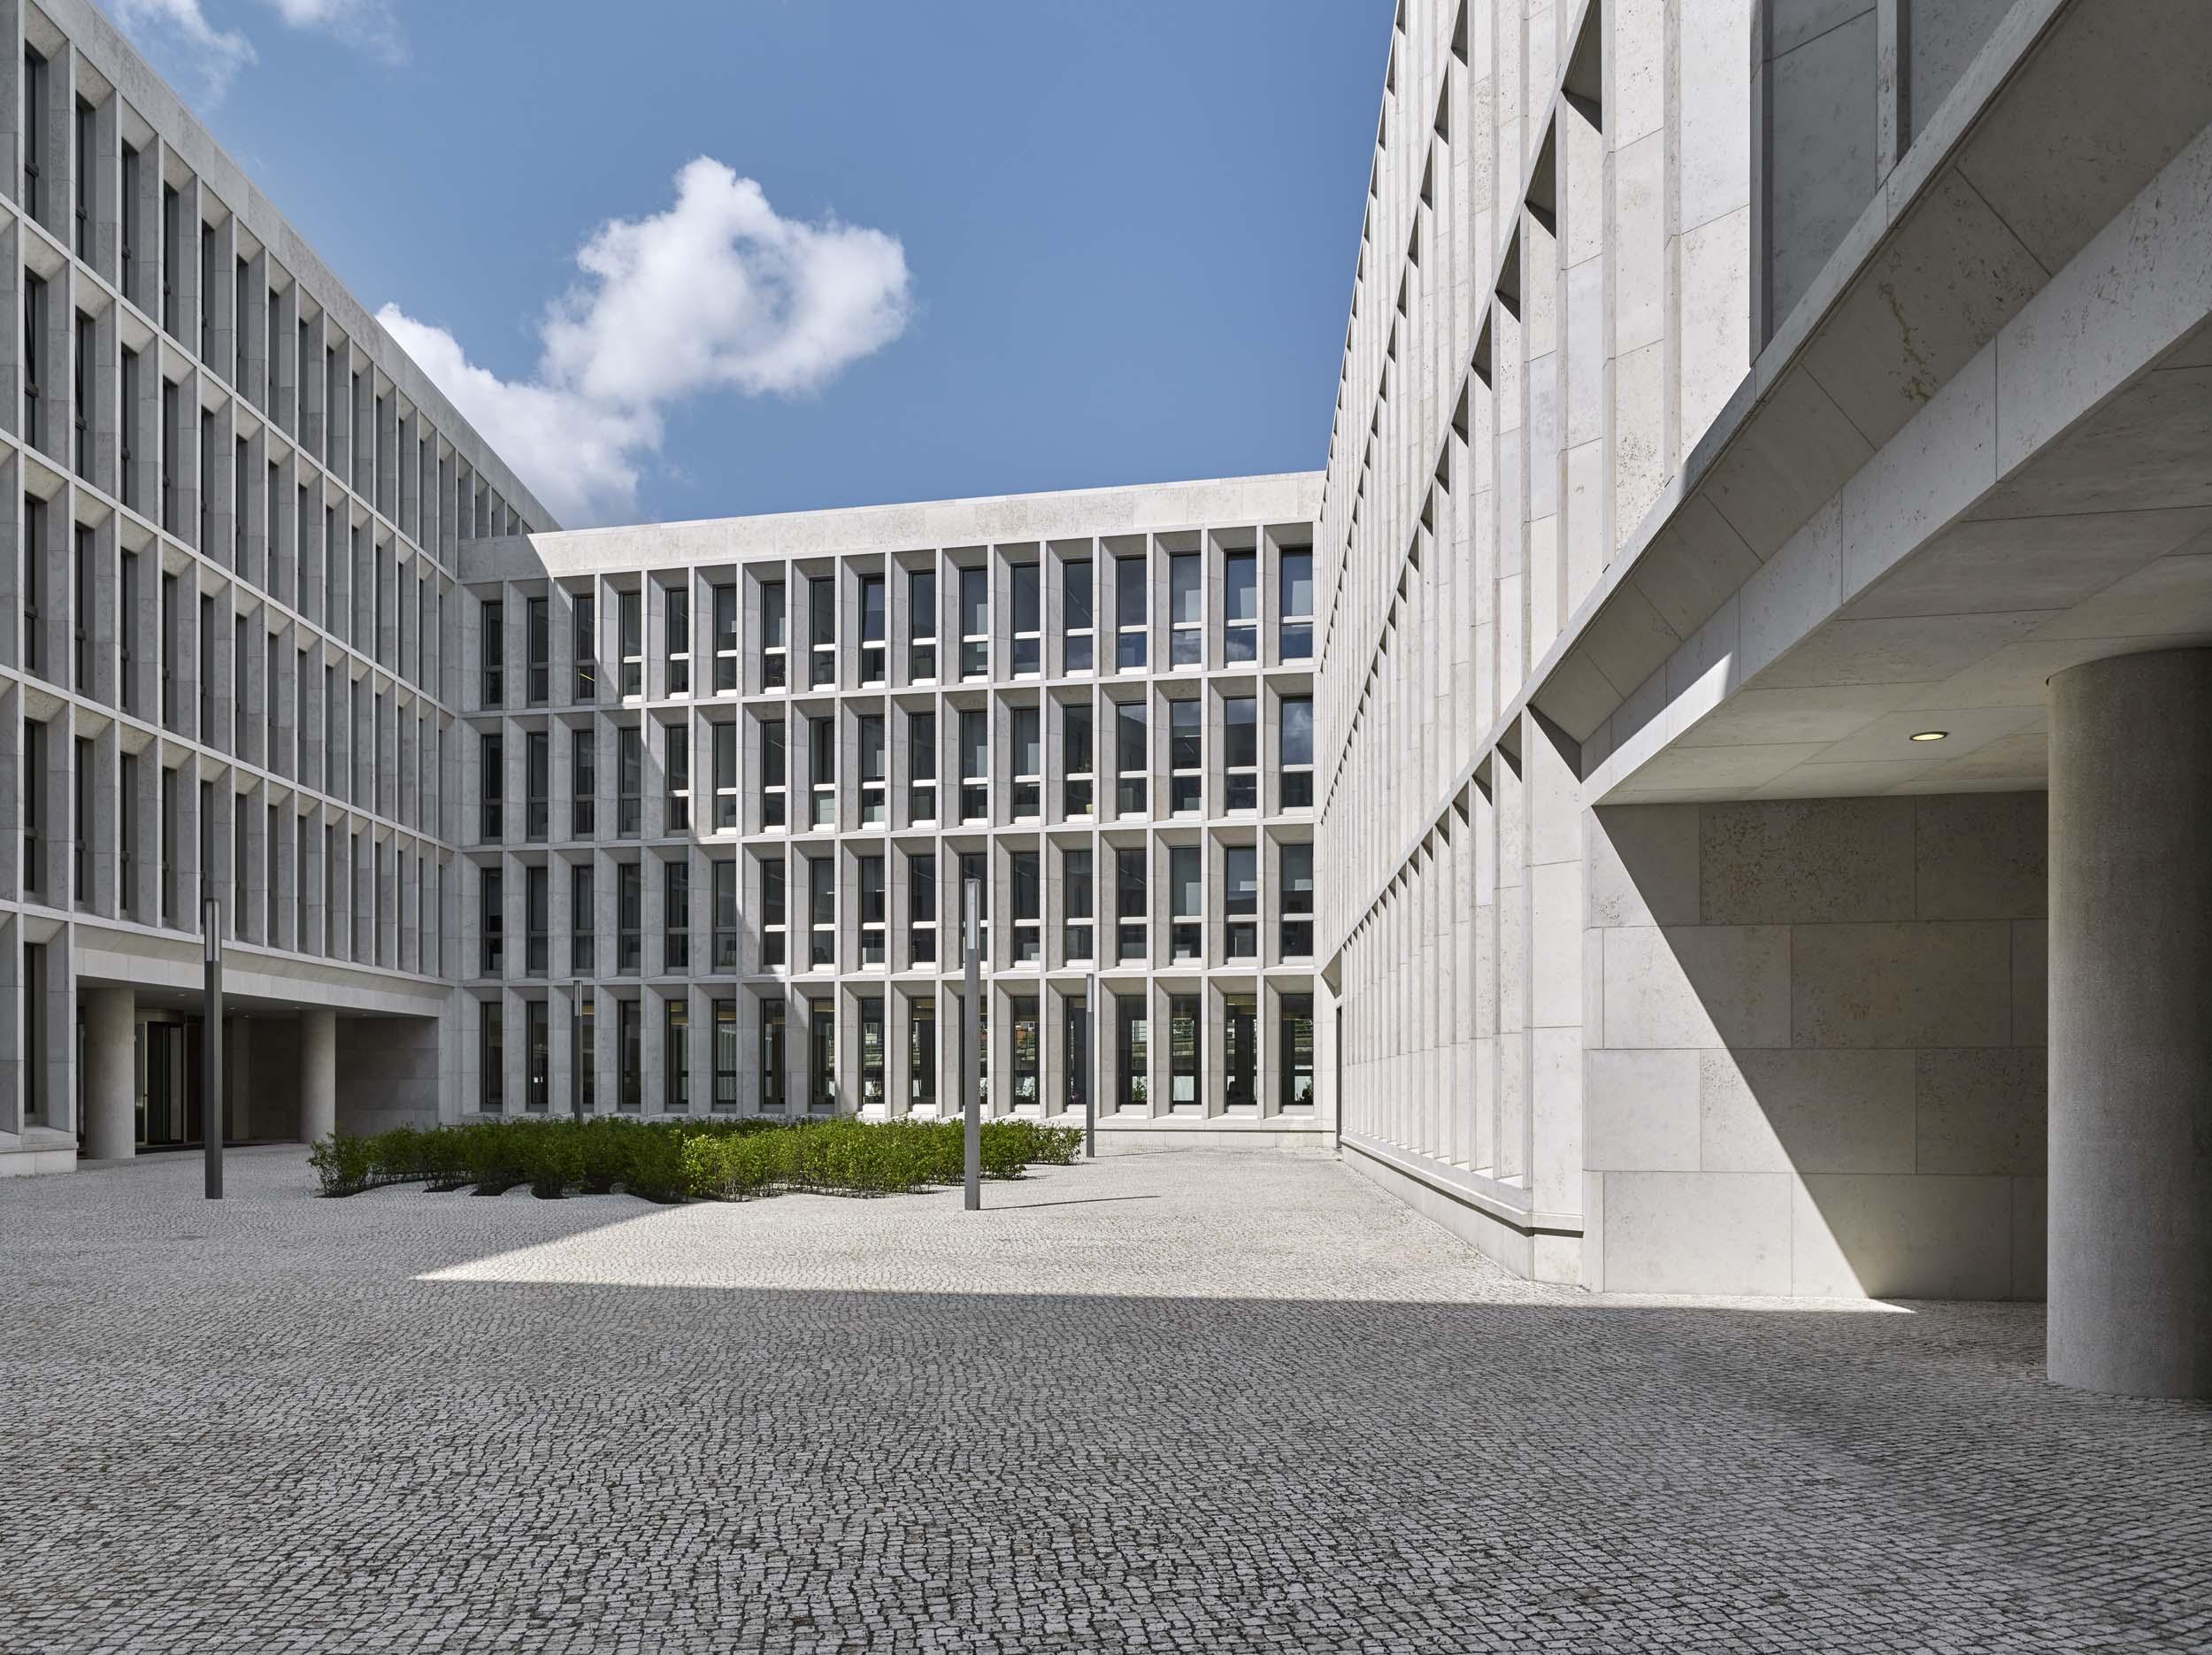 Bundesministerium des innern berlin m ller reimann architekten - Architekten deutschland ...